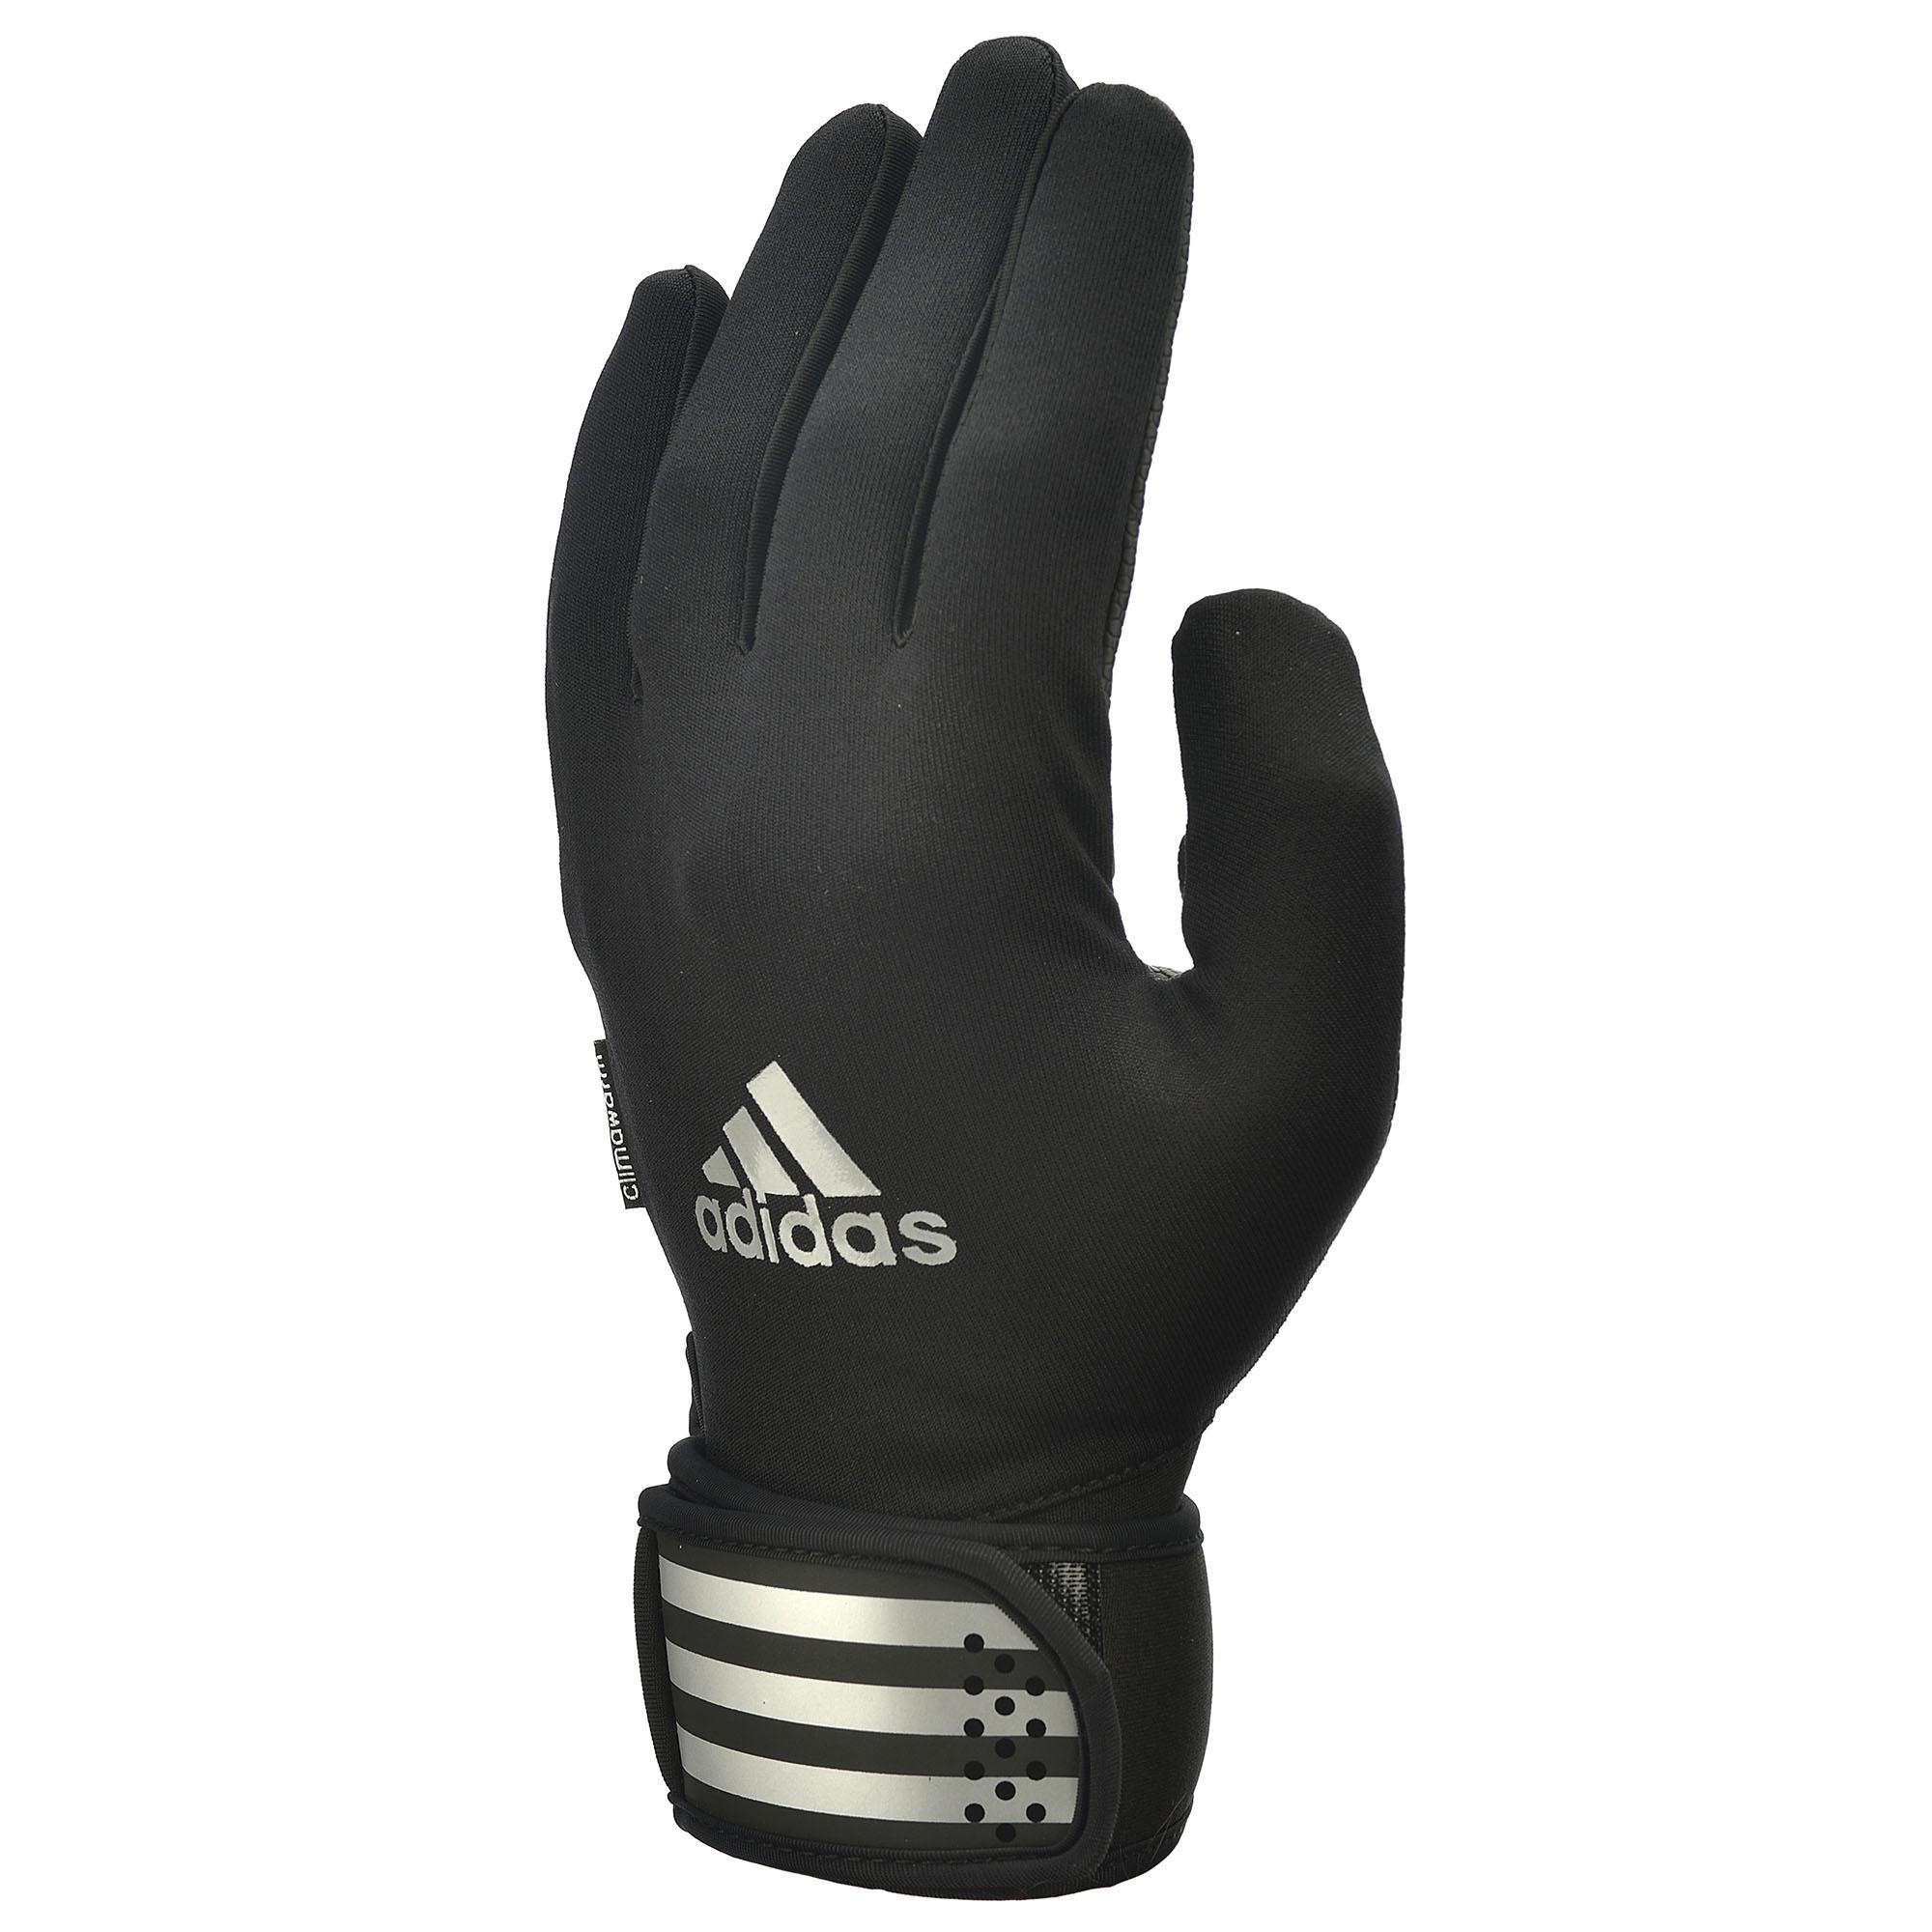 adidas Full Finger Outdoor Training Gloves  BlackSilver S